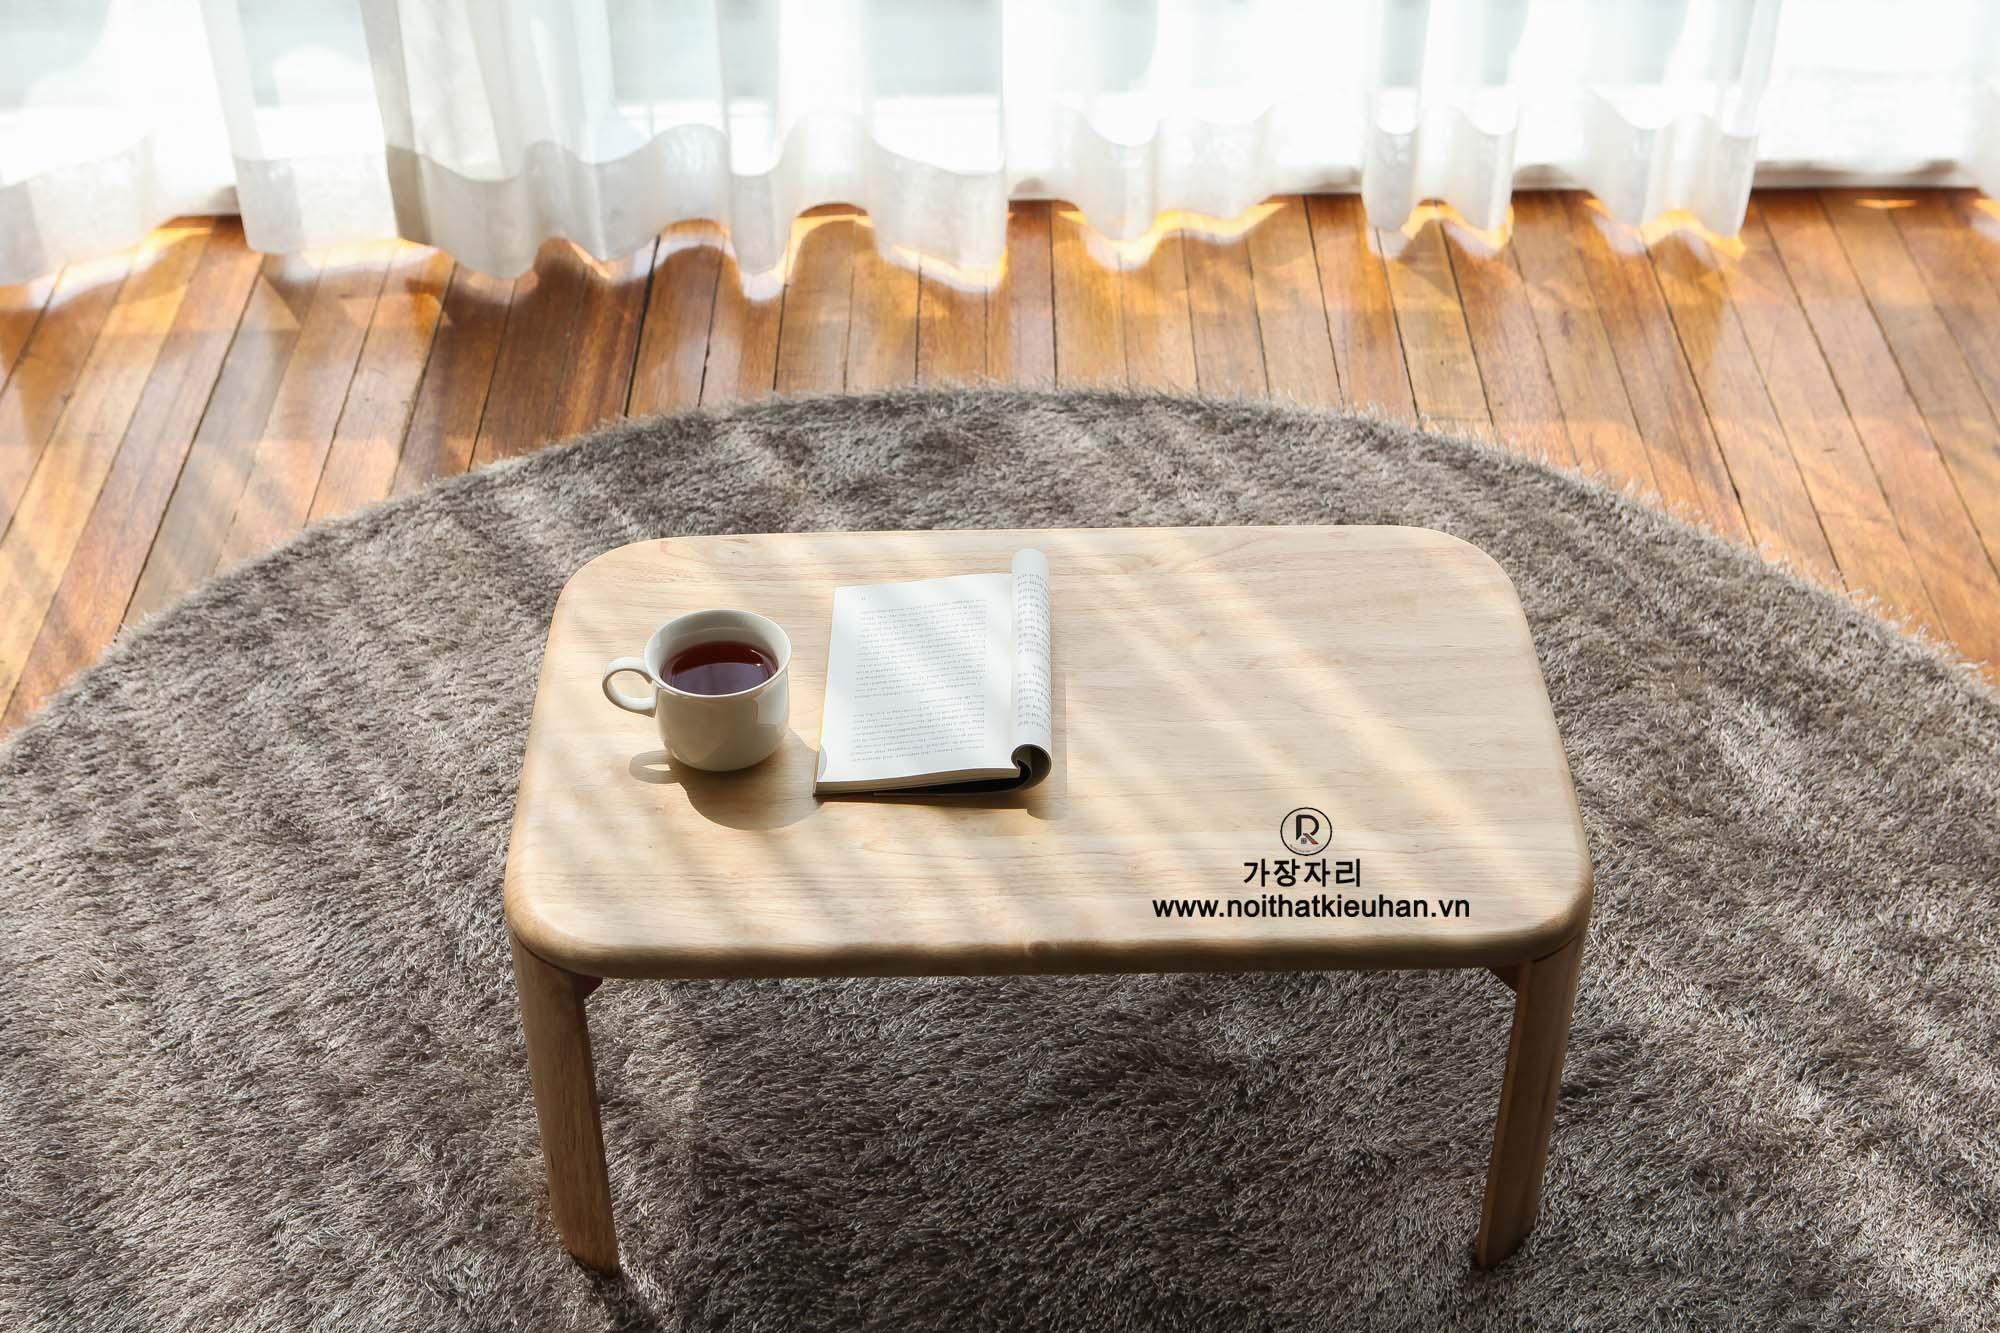 BÀn Sofa/bÀn TrÀ C Table (xs) By Nội Thất Kiểu Hàn.